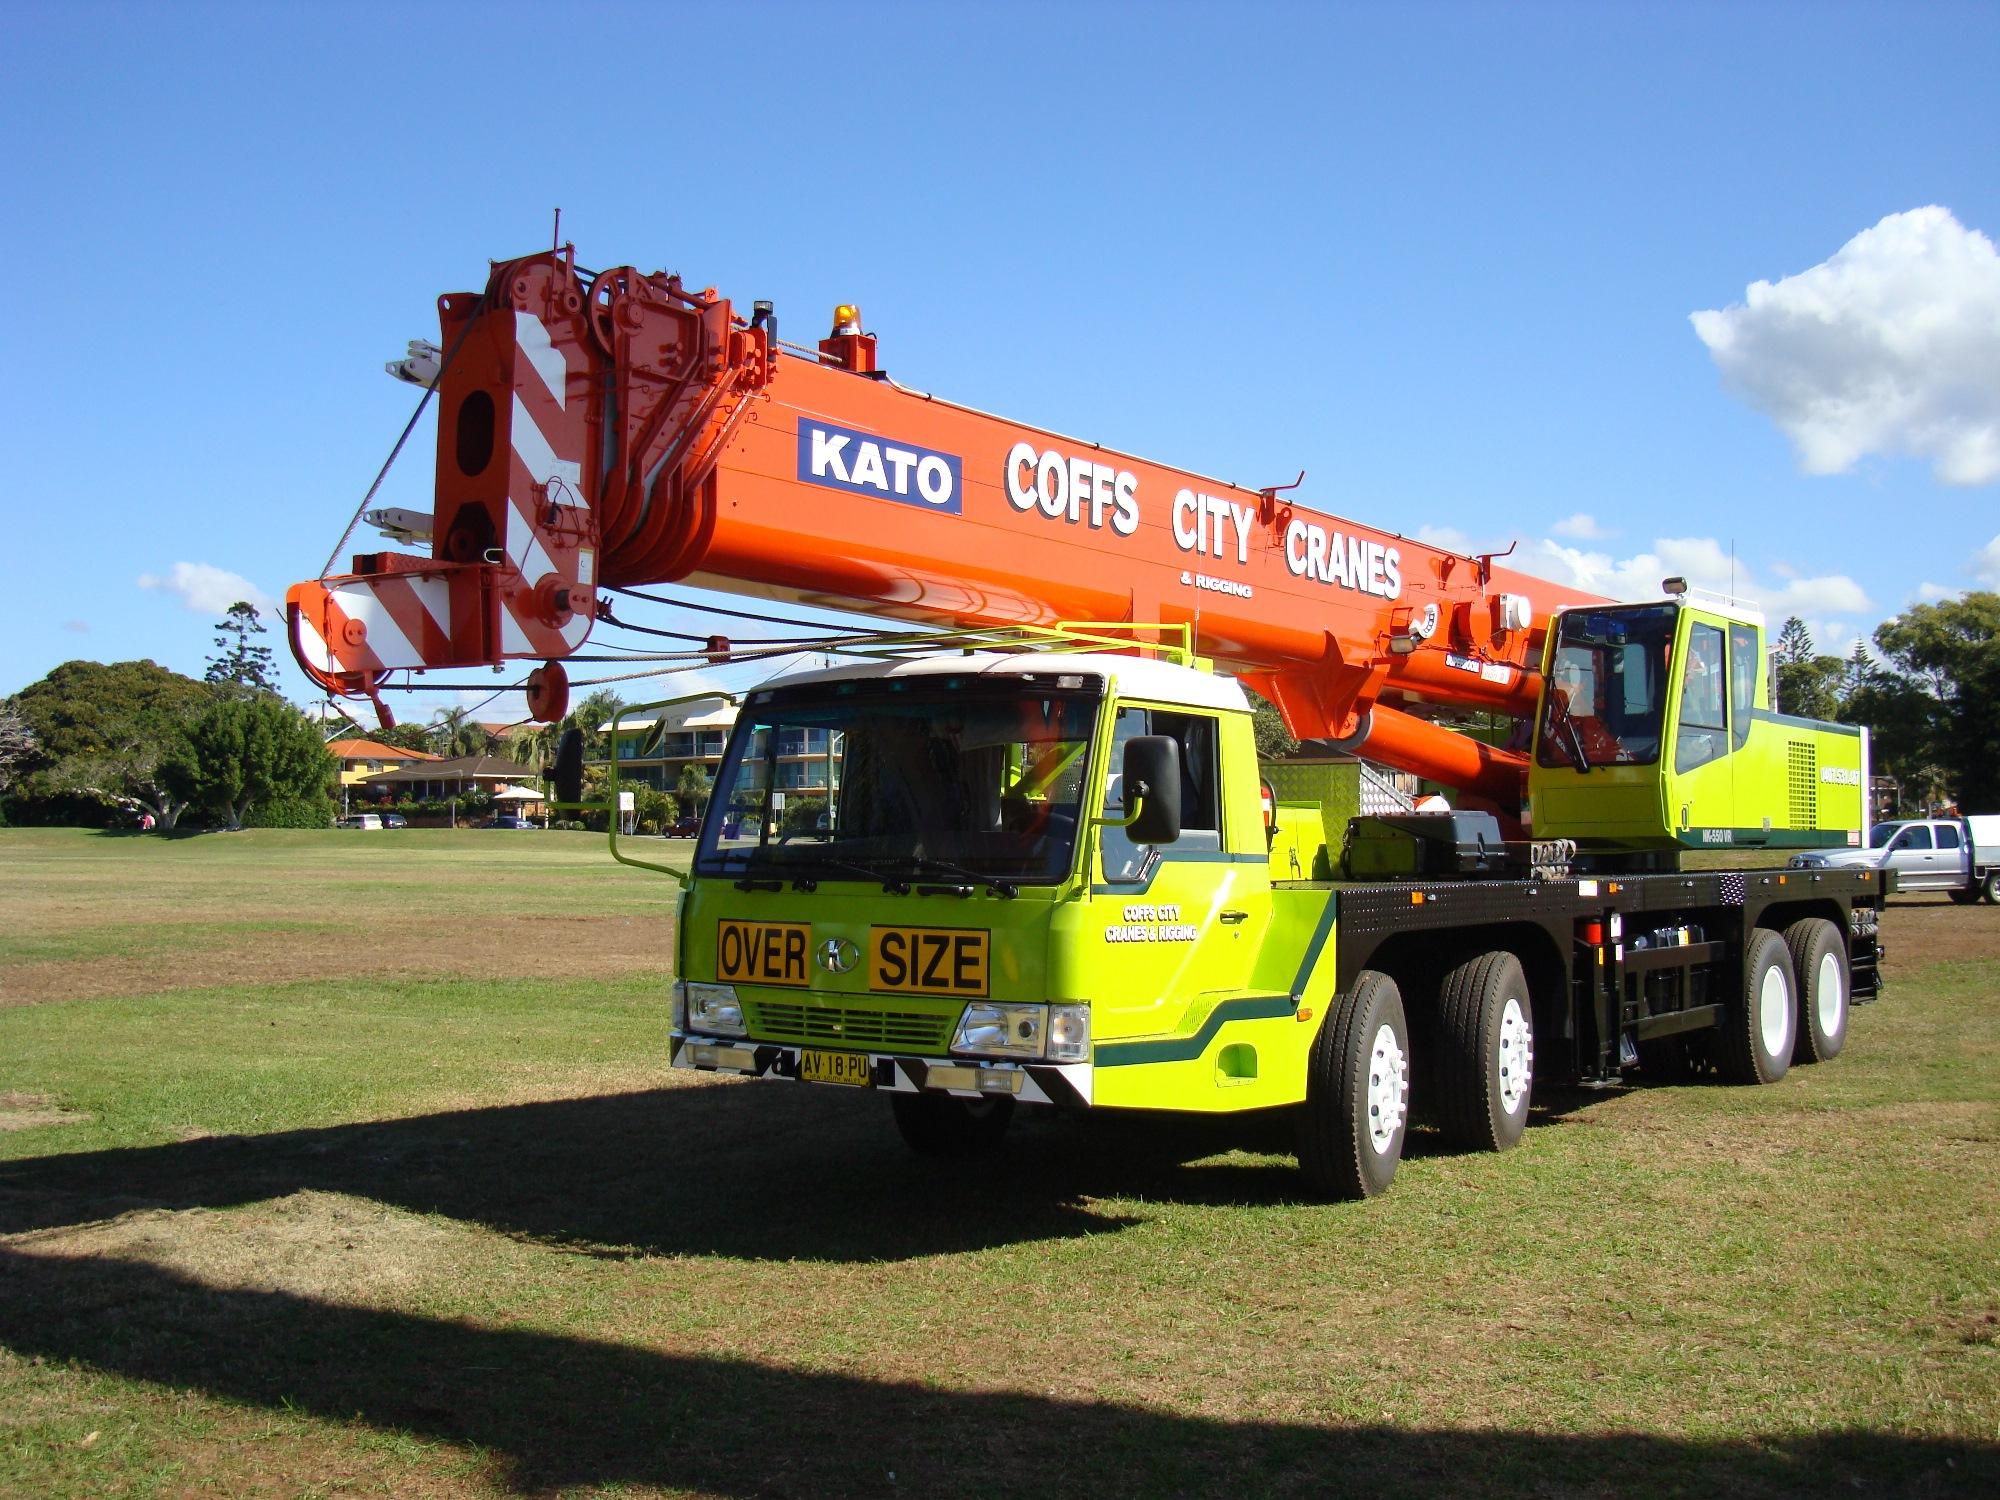 Coff City Cranes 55 Tonne Franna Hire